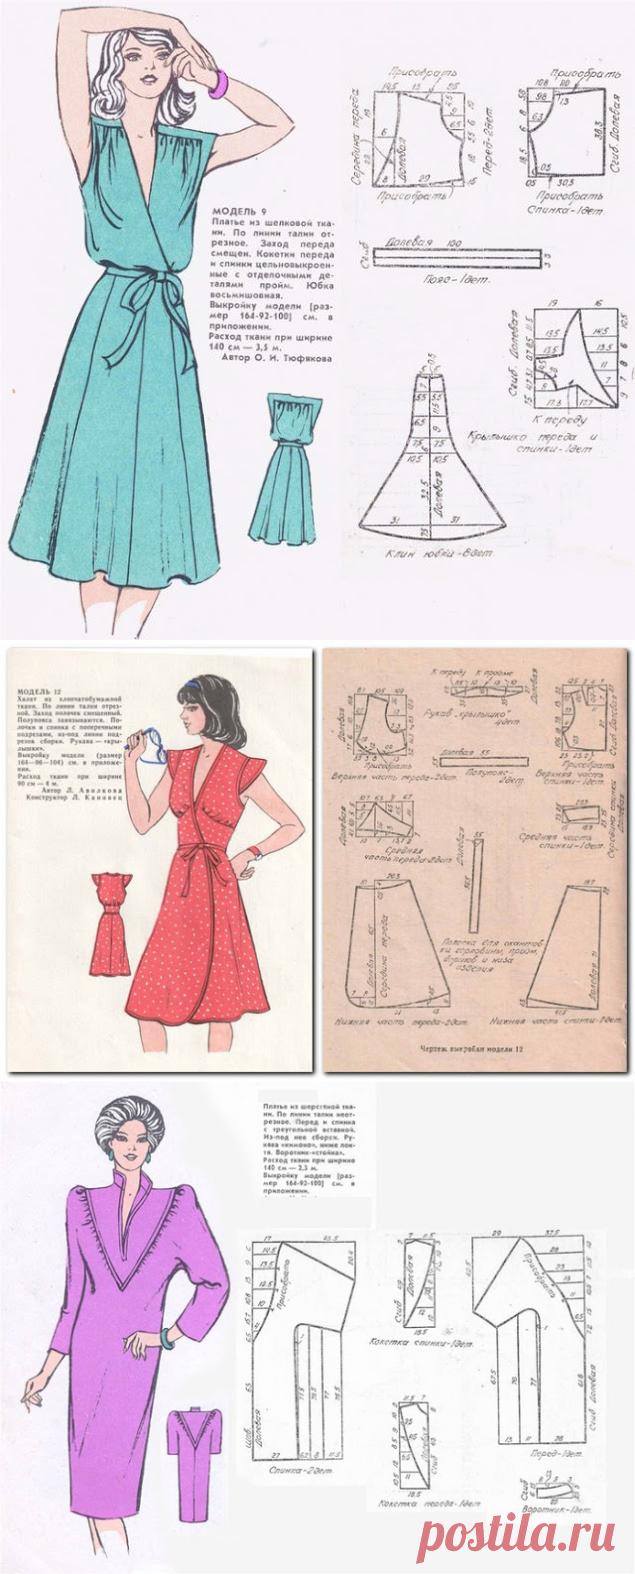 Мастера и умники: Интересные модели с выкройками для пошива (из разных источников)